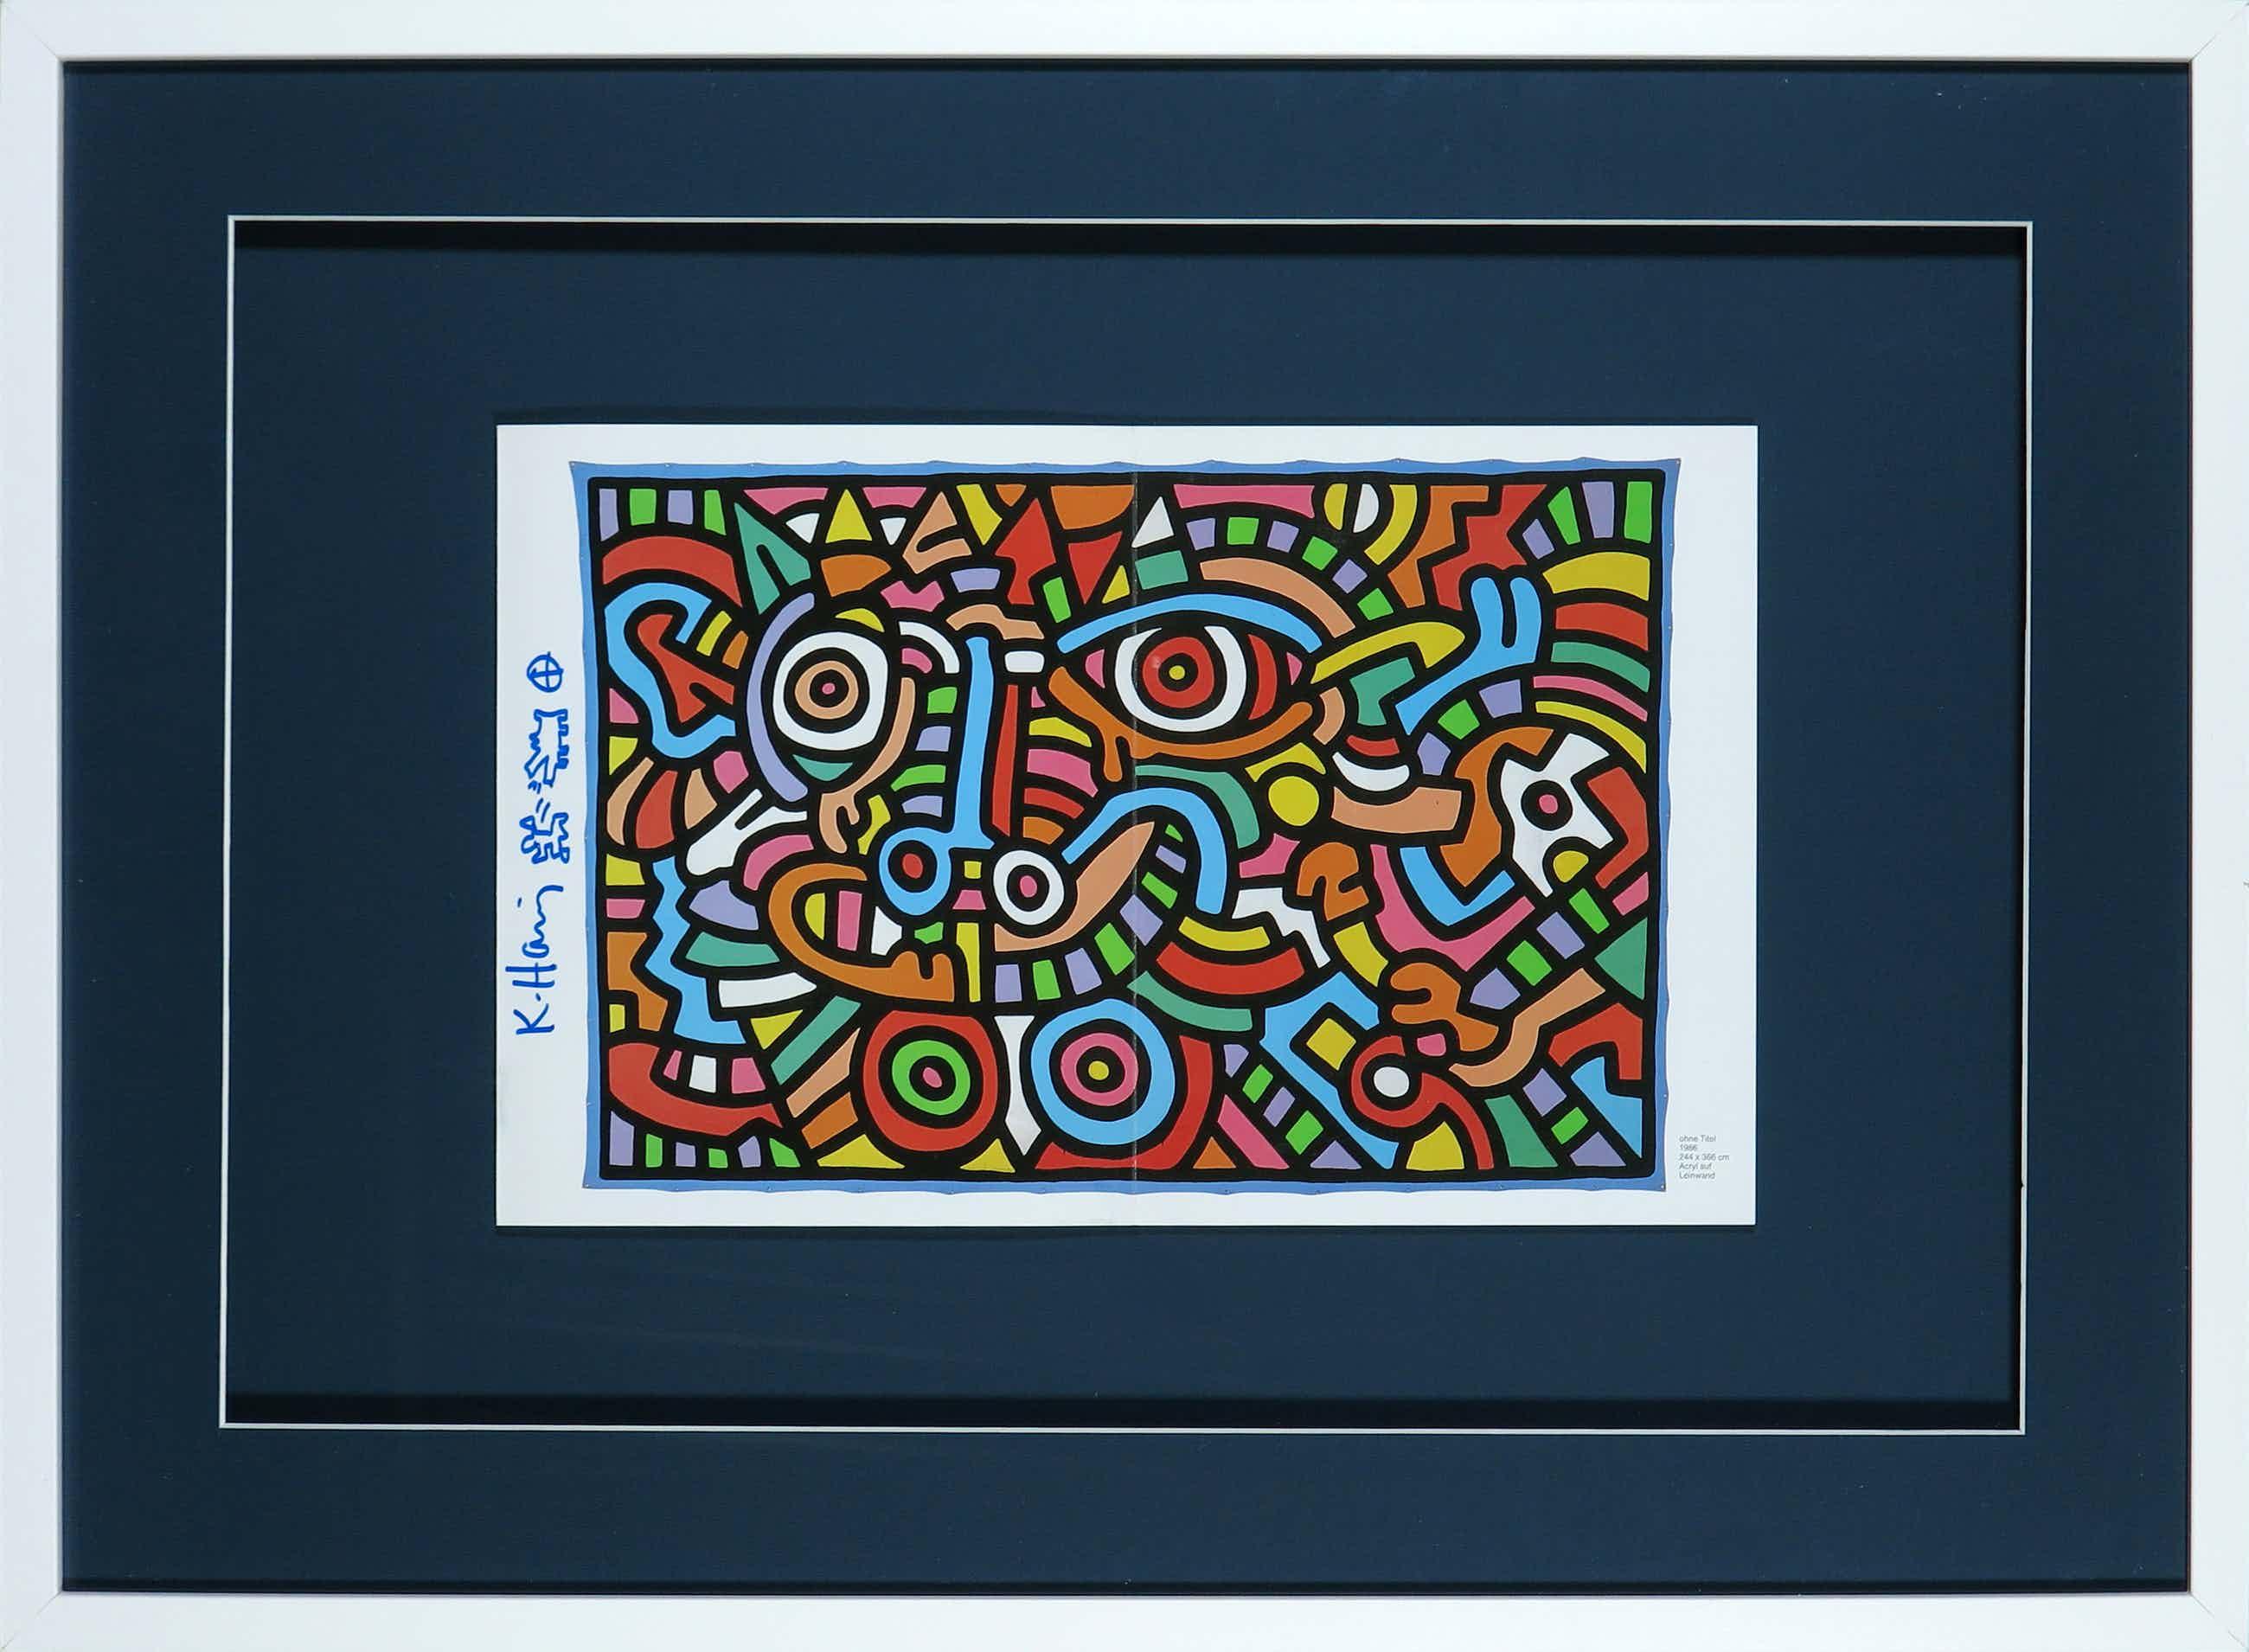 Keith Haring - Signatuur en tekening op uitnodiging Galerie Hans Mayer - Ingelijst kopen? Bied vanaf 910!